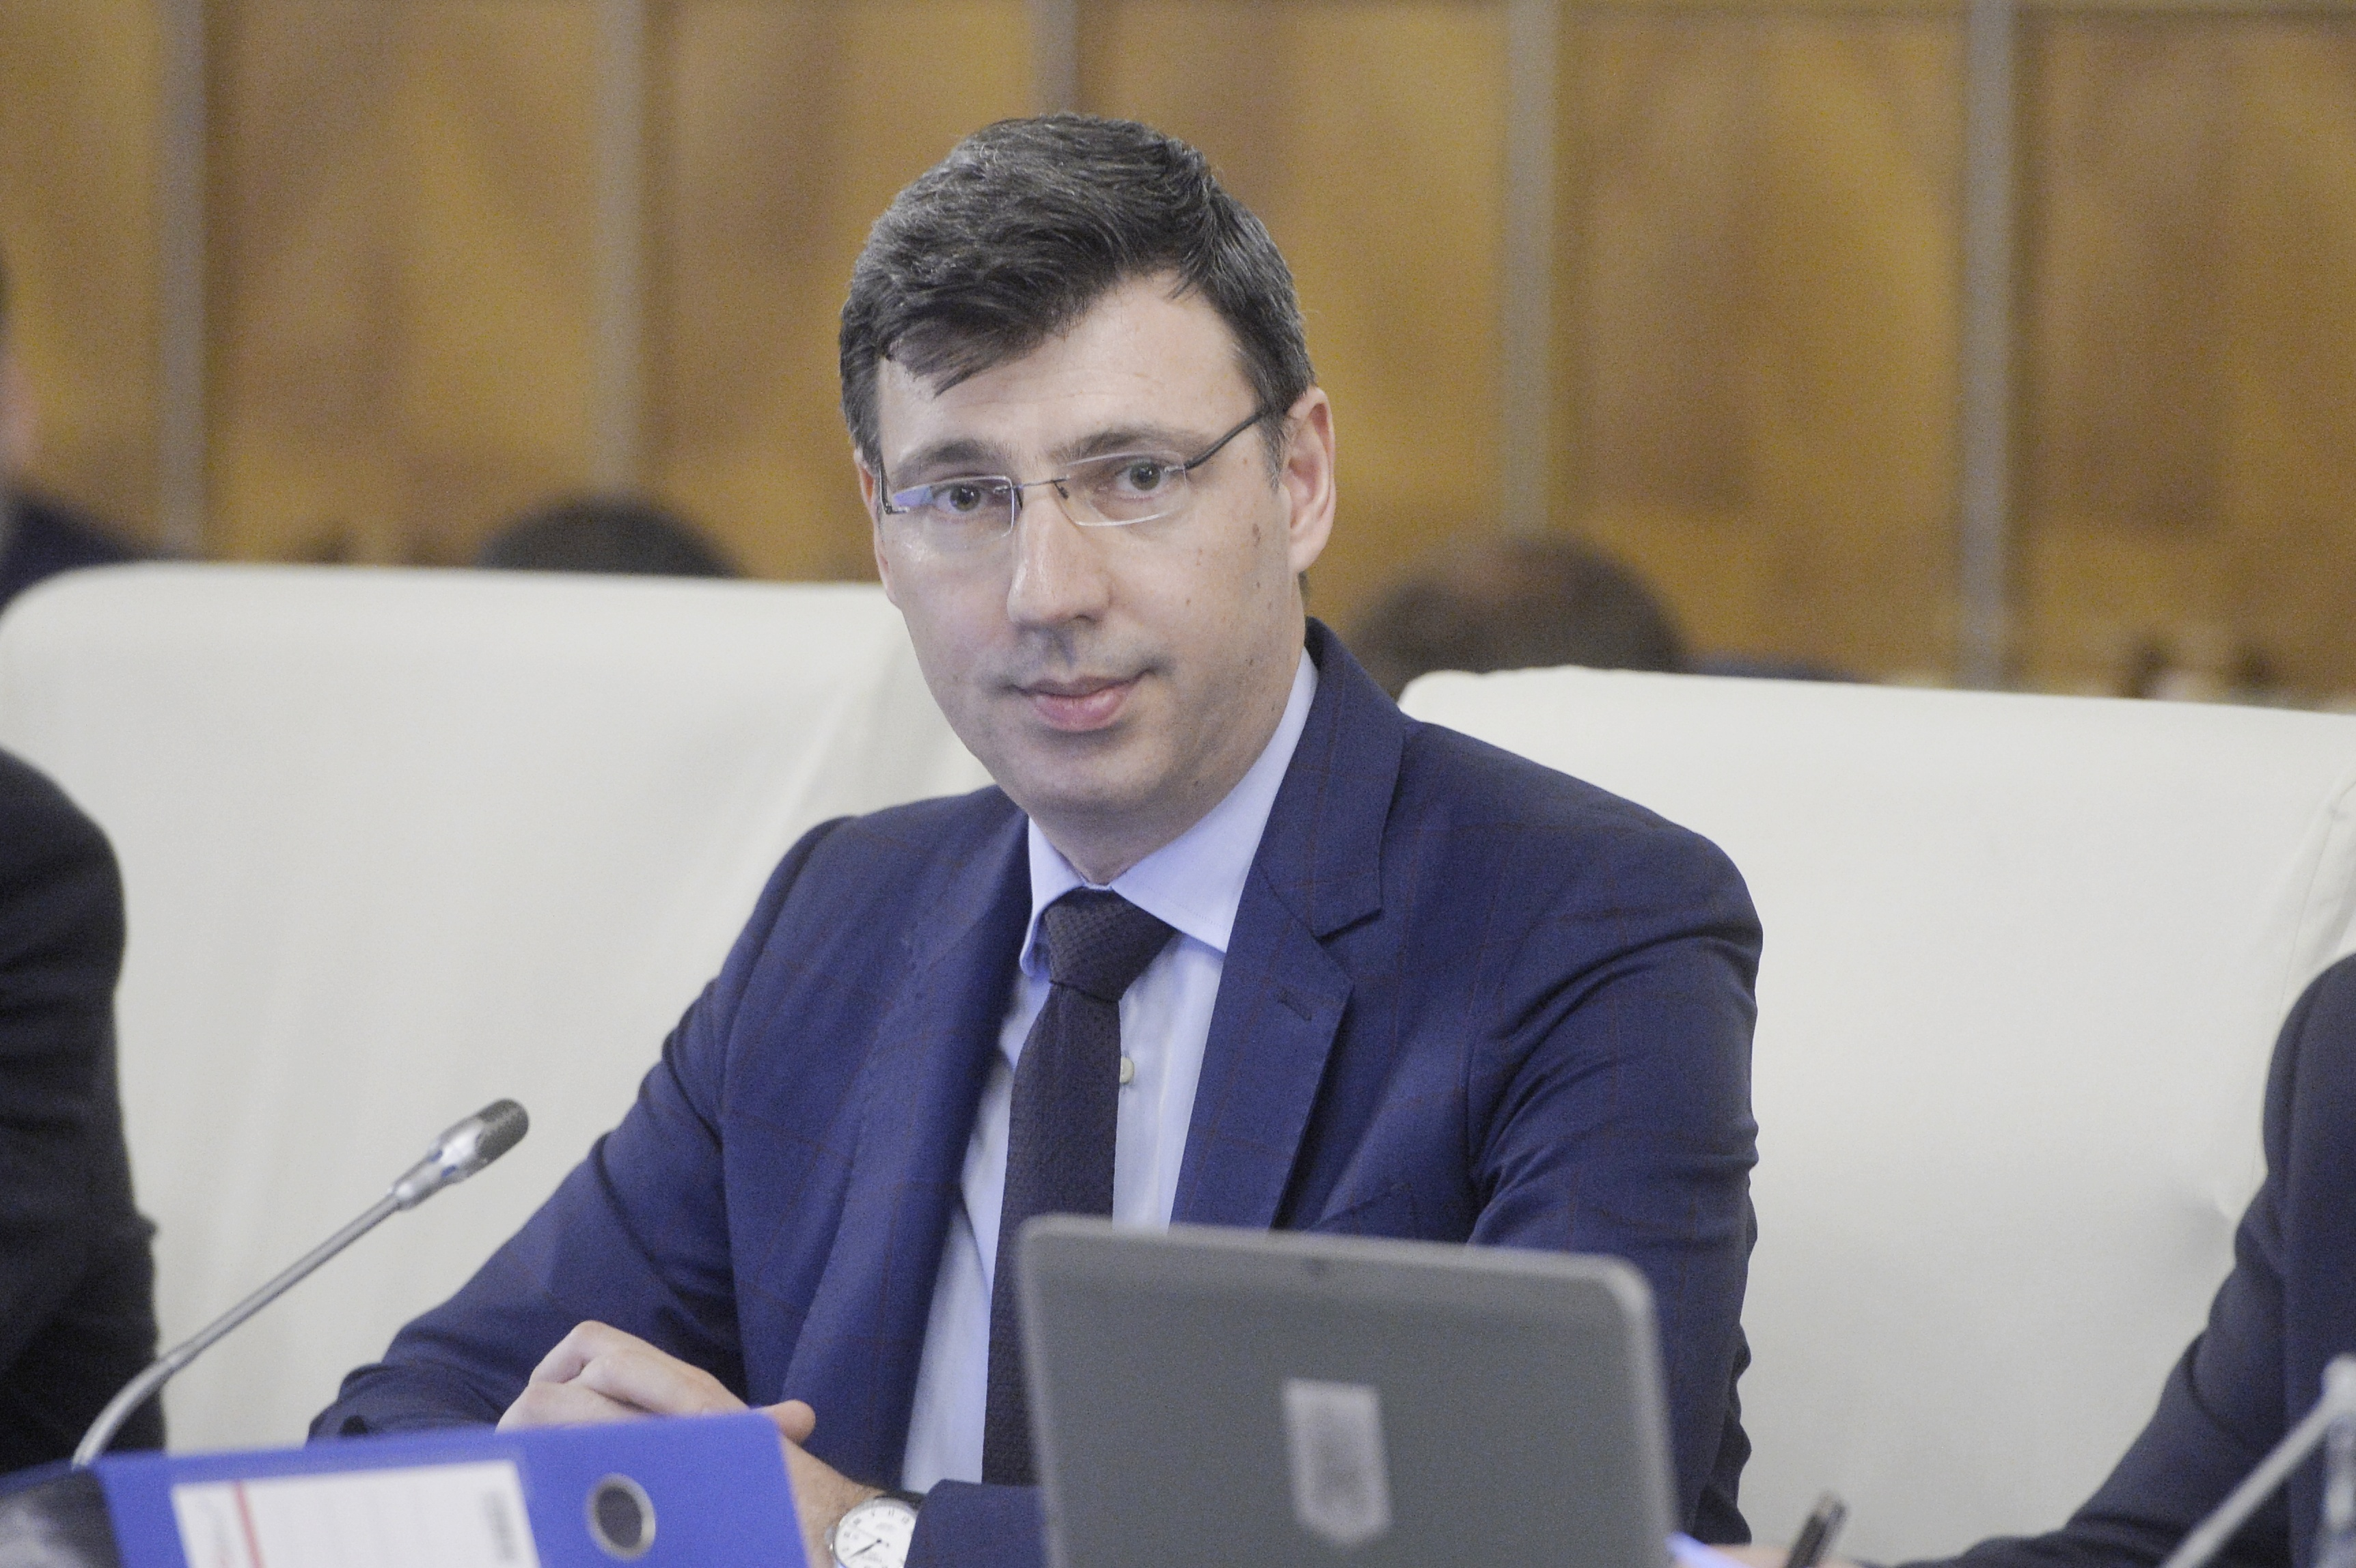 Ministrul Mişa despre taxa de solidaritate: Un procent de 90% merge la bugetul de stat / Finanţele: Contribuţia pentru solidaritate socială `nu este o taxă nouă`